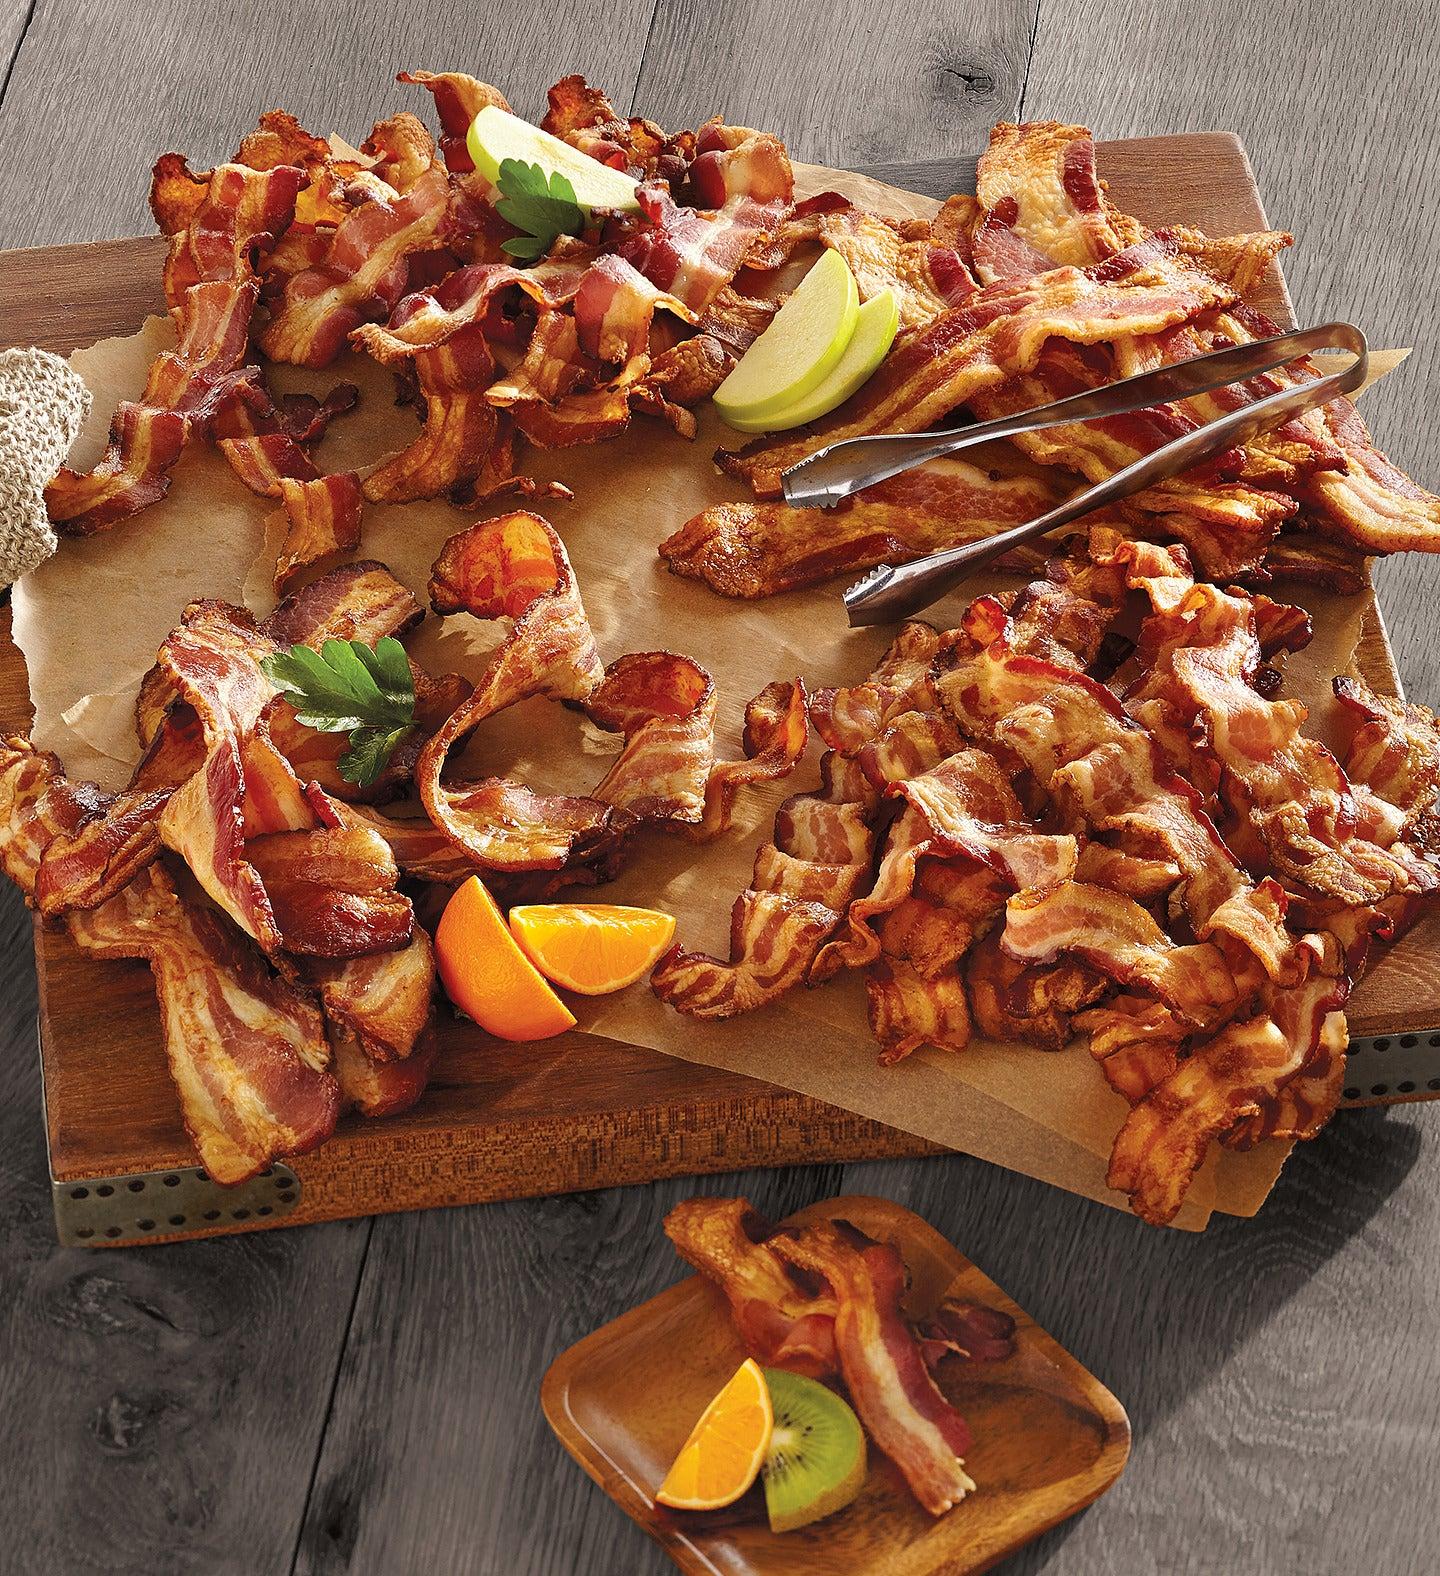 Bacon Sampler